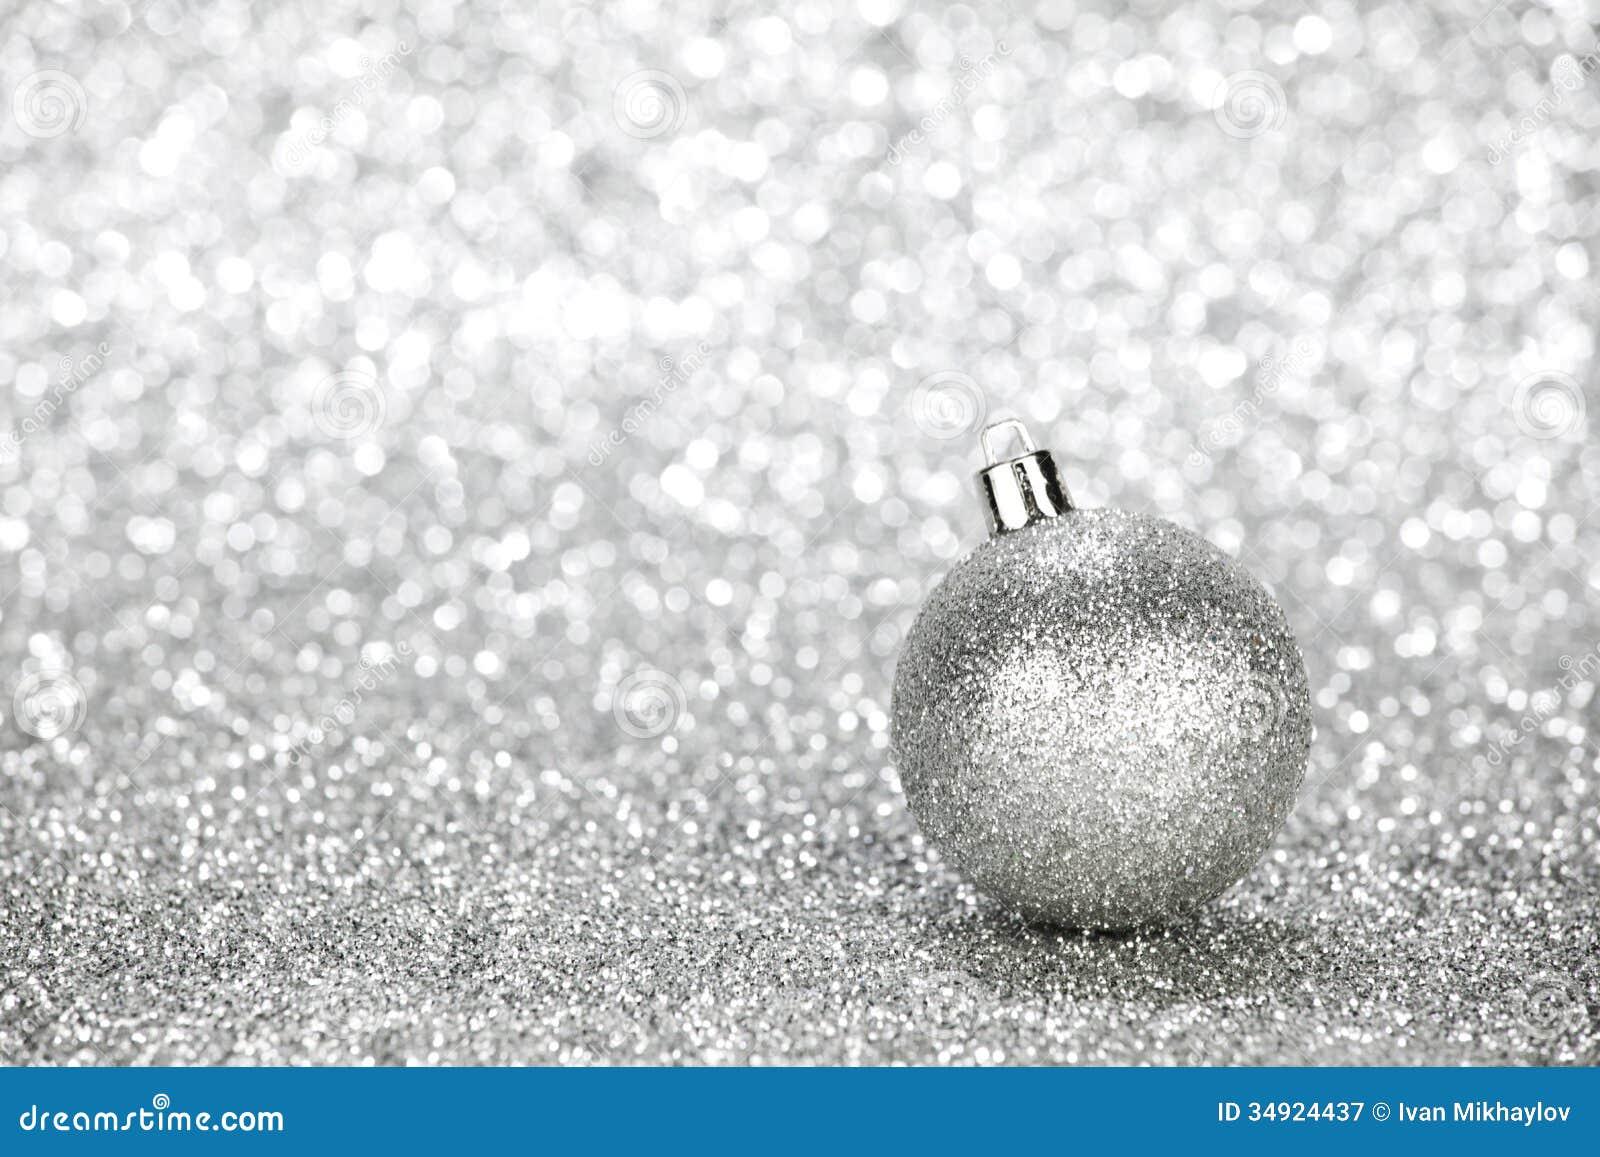 silver christmas ball stock image image of decor christmas 34924437